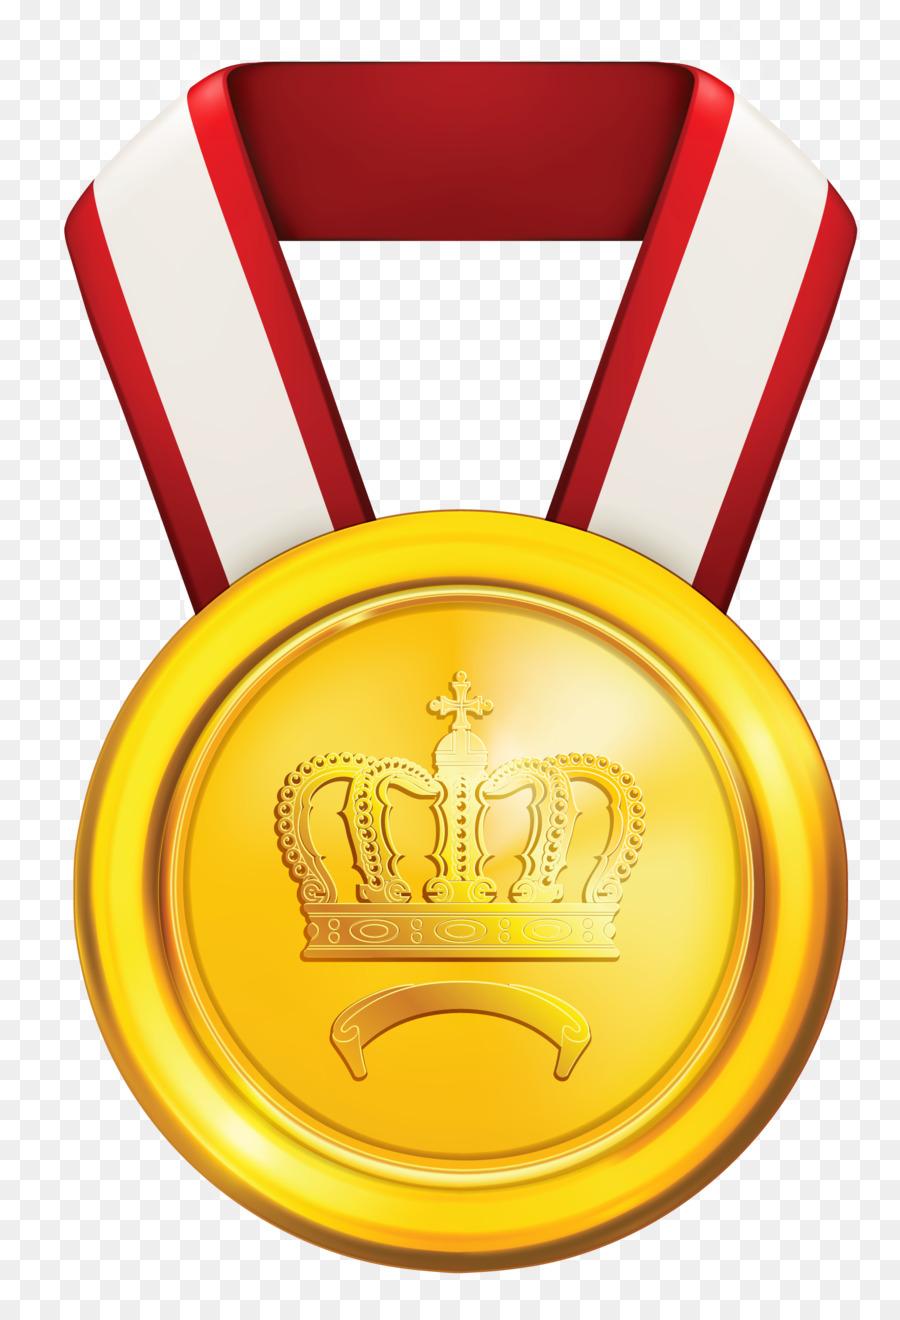 рассказывает, поздравление с золотой медалью картинка цены даже